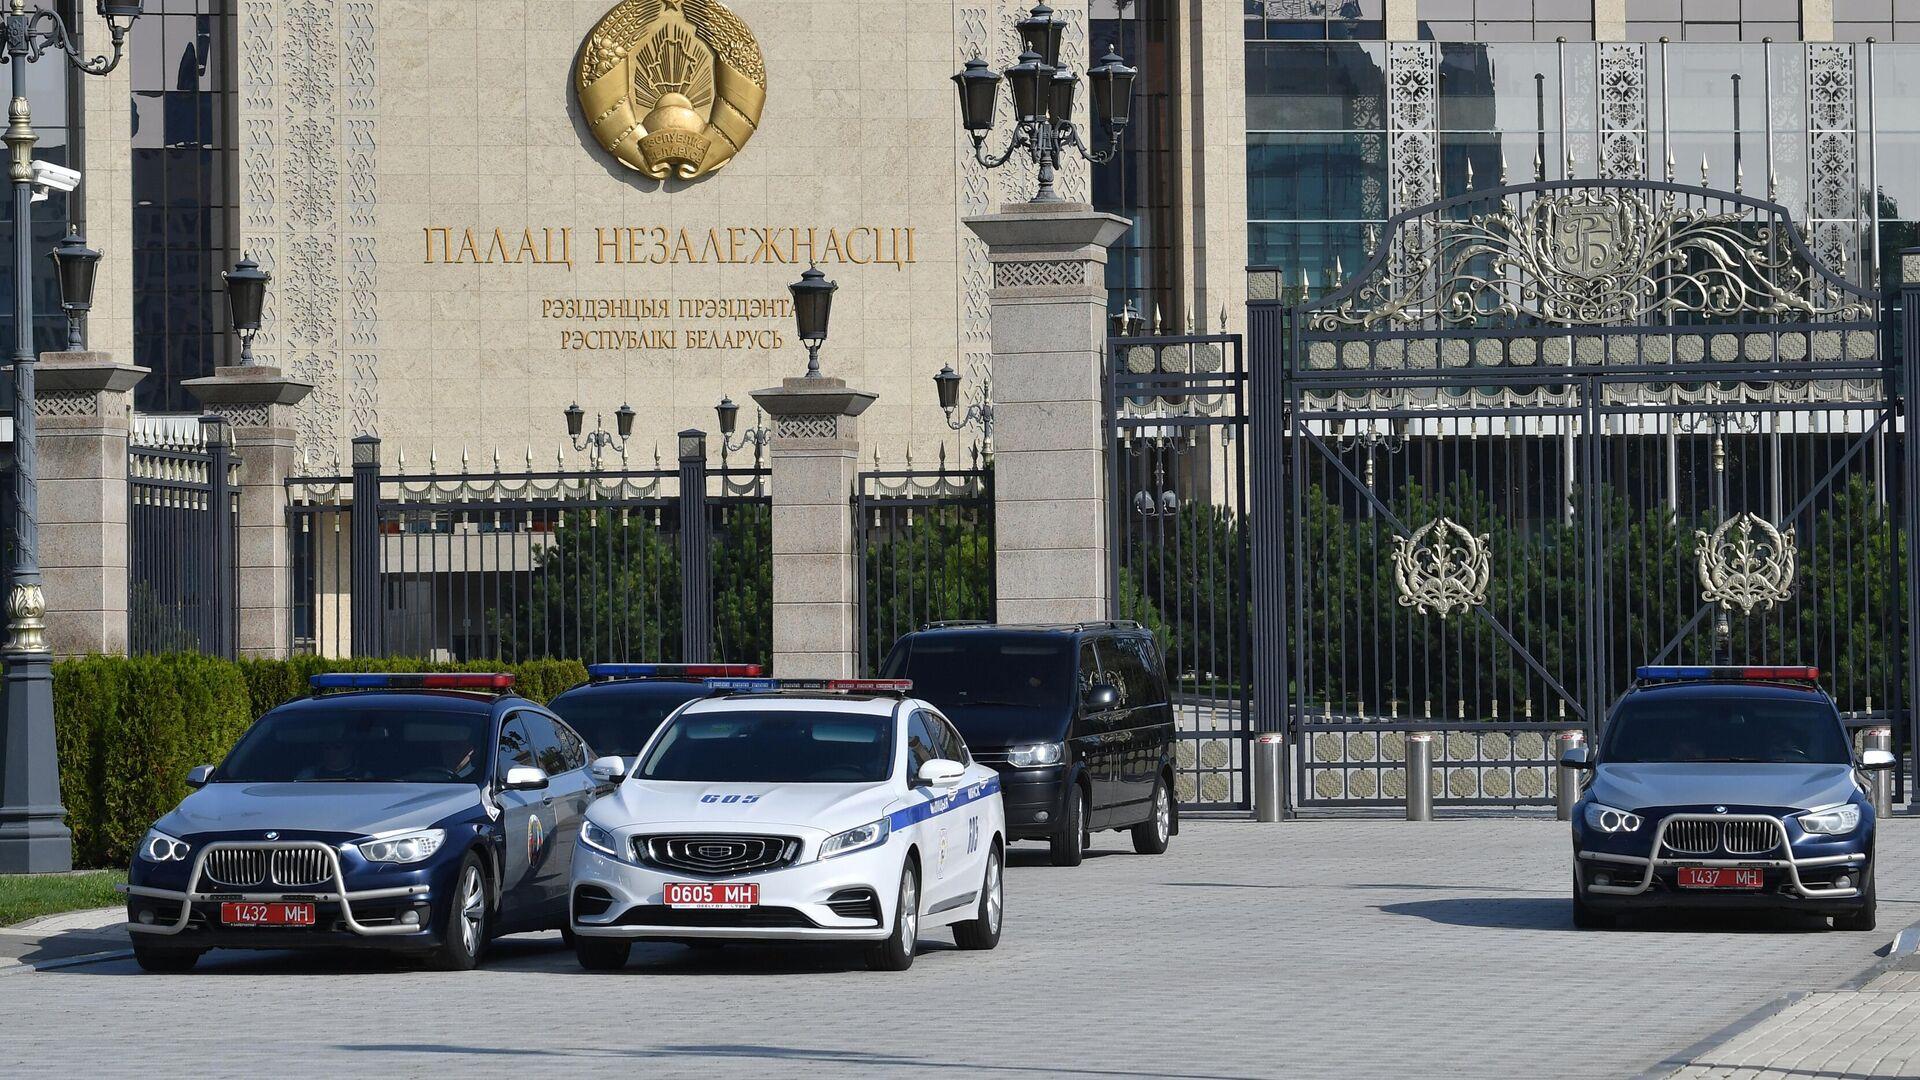 Дворец Независимости в Минске, где проходит церемония инаугурации избранного президента Белоруссии Александра Лукашенко - РИА Новости, 1920, 23.09.2020